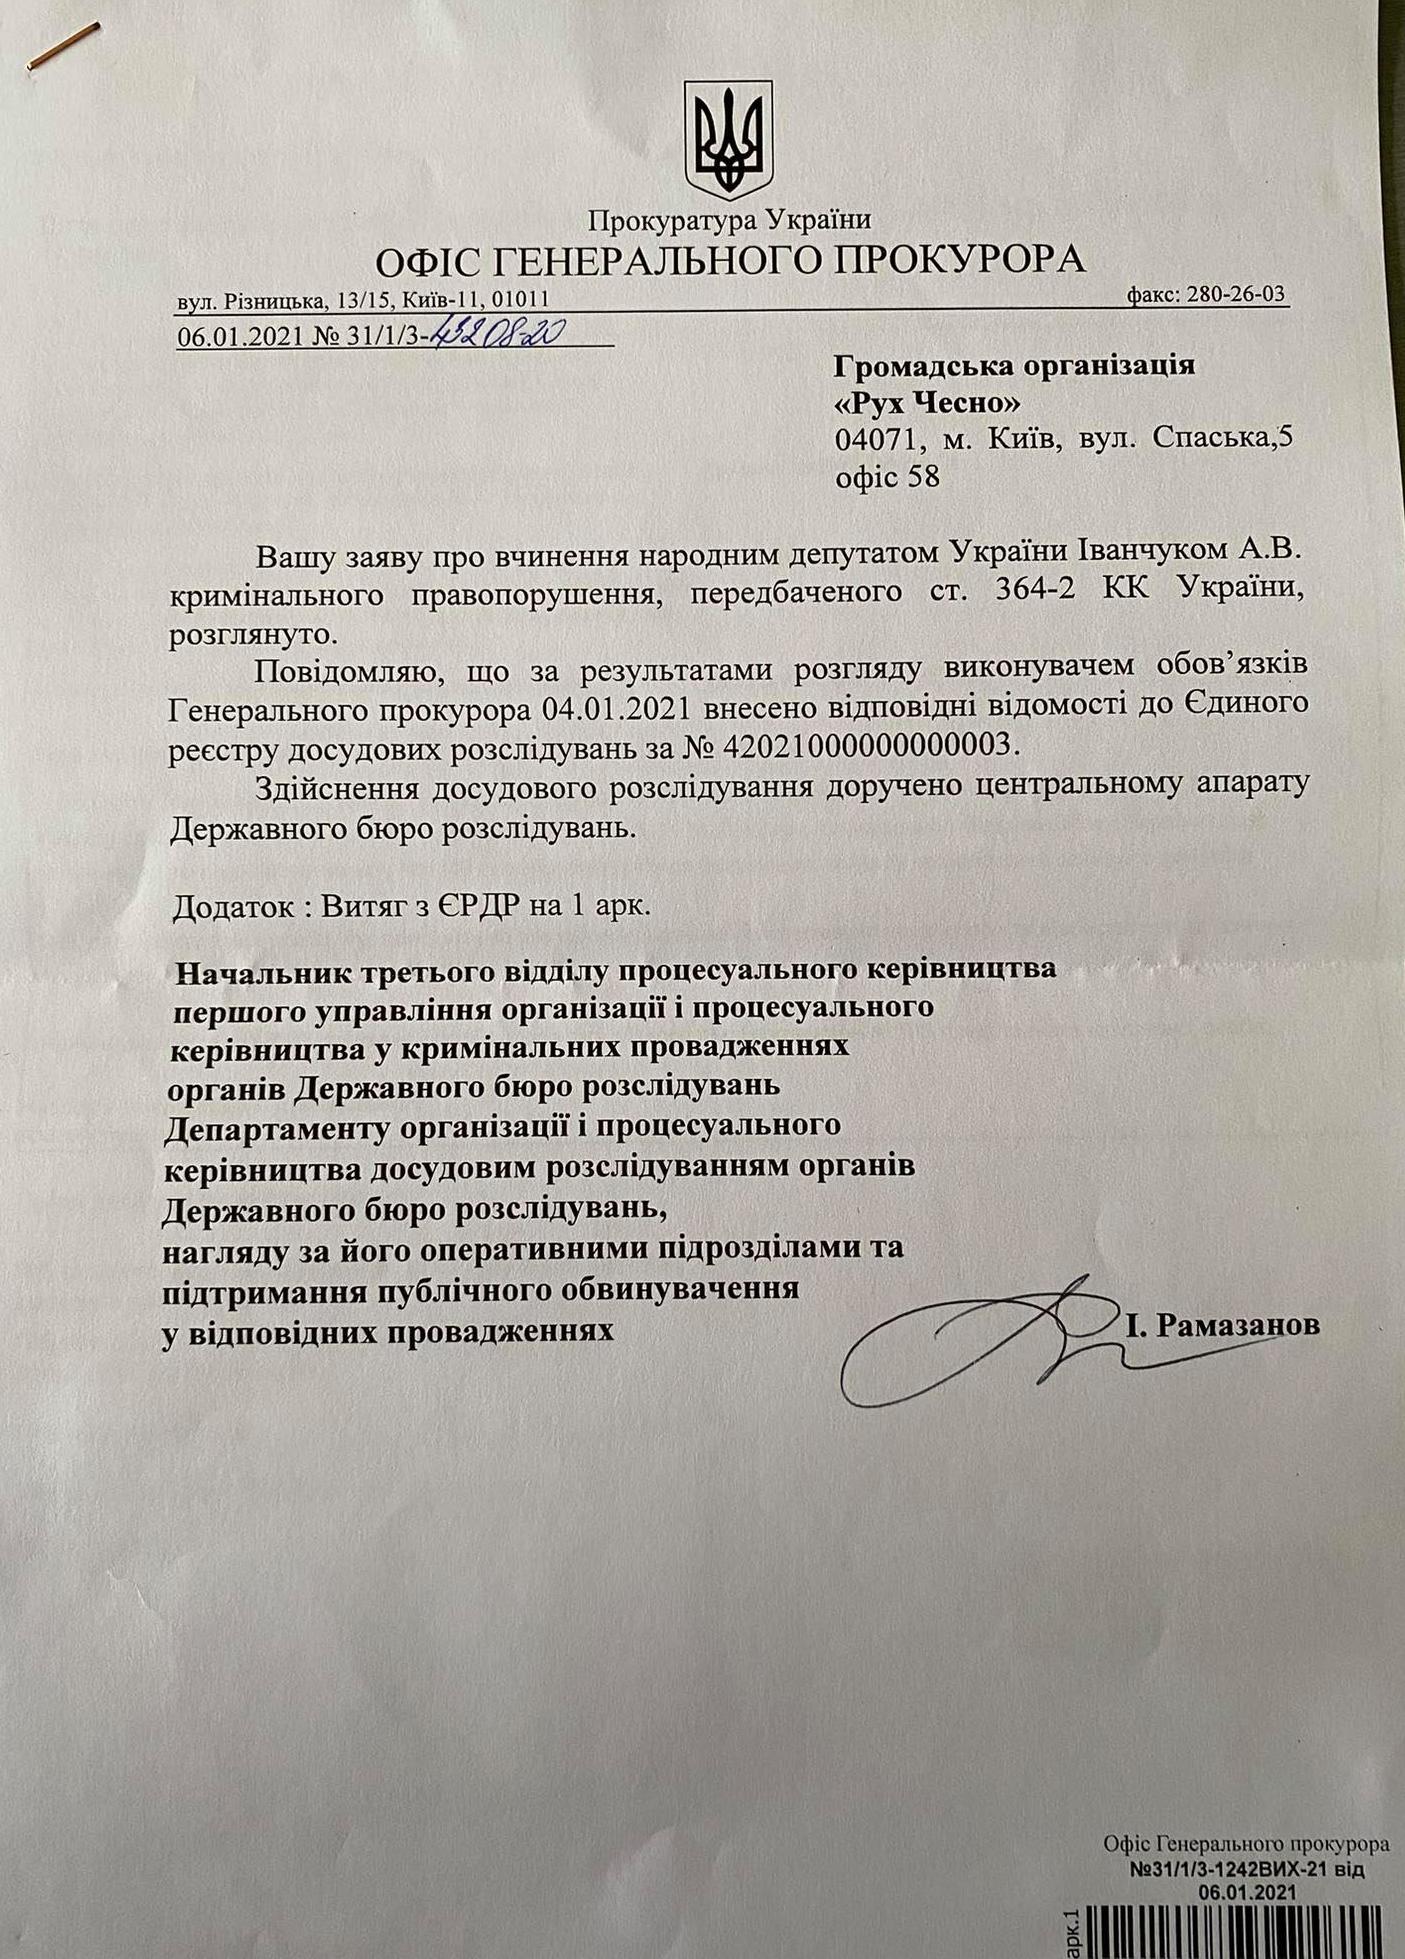 Скриншот листа з Офісу Генпрокурора